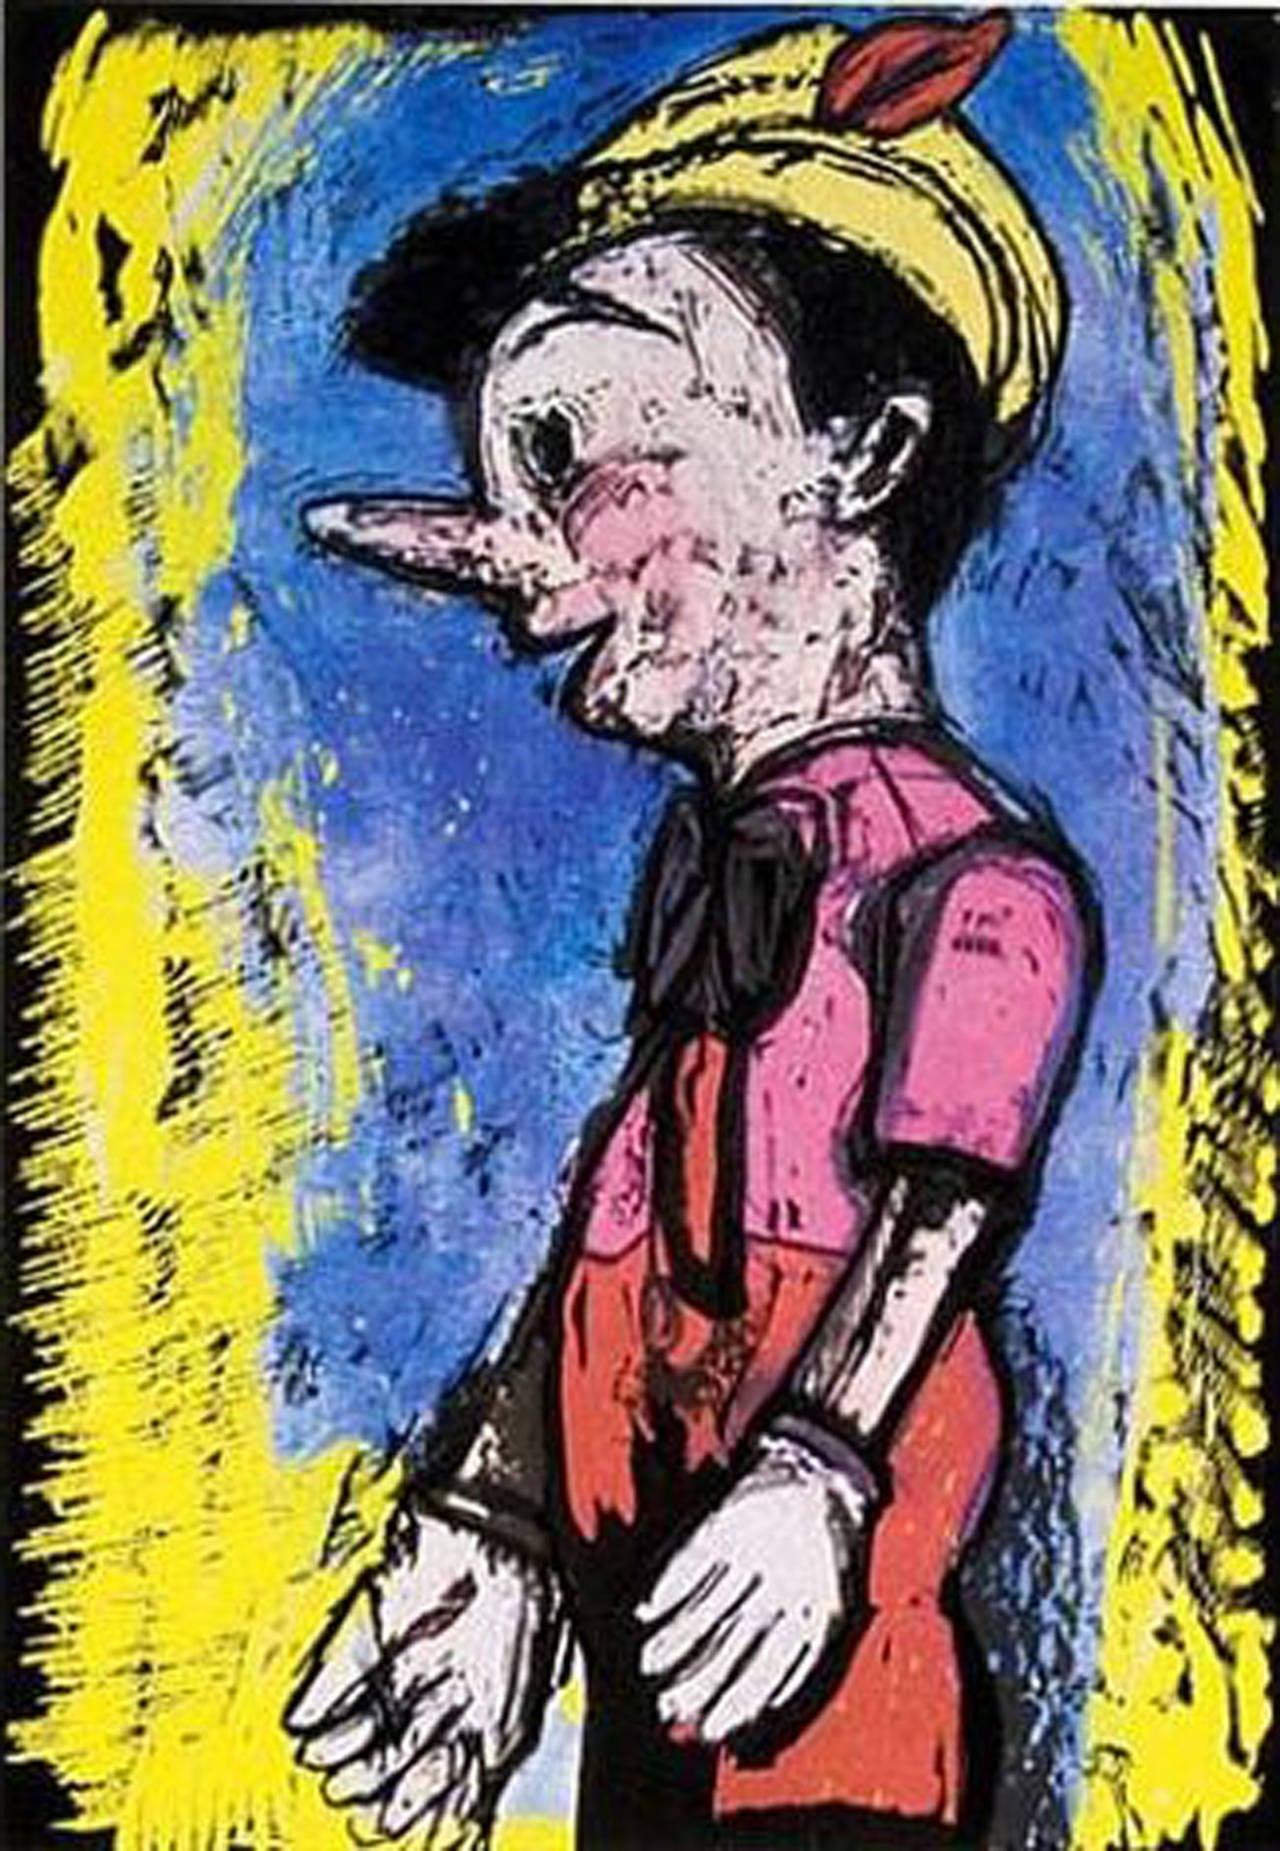 Jim Dine - Pinnochio, ed. 118 1